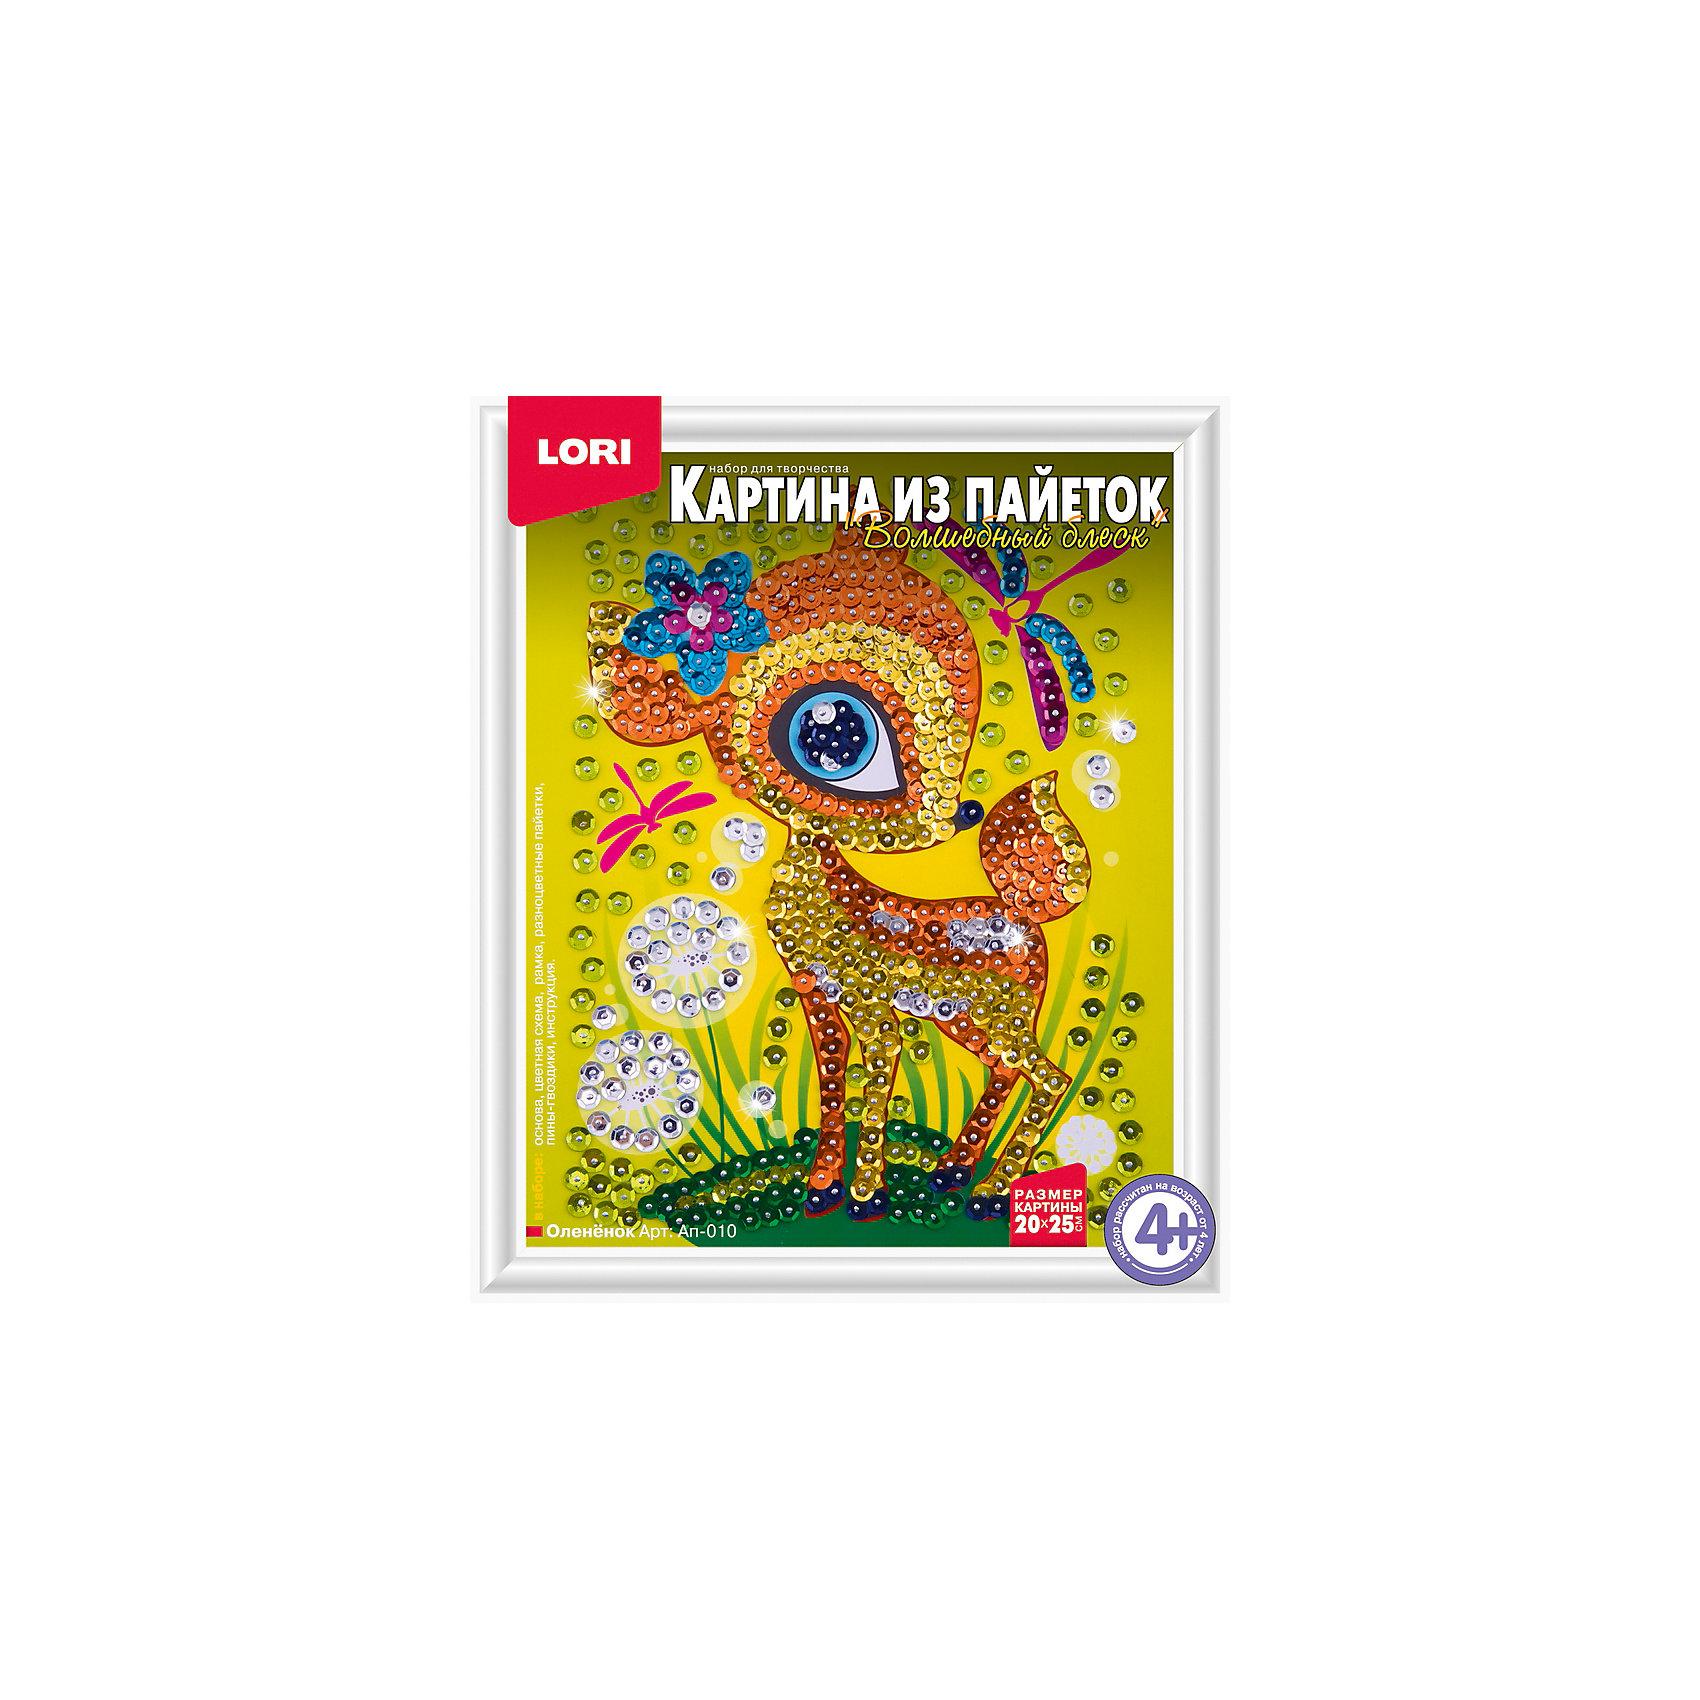 Картина из пайеток Оленёнок, LORIПриобщайте ребенка к творчеству с замечательным набором для создания картины из пайеток Оленёнок от LORI (ЛОРИ)! Пайетки блестящие и очень привлекательные. С помощью специальных гвоздиков ребенок соберет настоящую мозаику из пайеток. Оленёнок - очень оригинальный набор, с помощью которого ребенок сможет создать невероятной красоты сувенир своими руками. Рамку для замечательной картины тоже можно создать из деталей набора. Кропотливая работа будет вознаграждена, ведь результат превзойдет все ожидания! Сверкающий и переливающийся милый олененок никого не оставит равнодушным! Картина не деформируется и не теряет форму со временем, поэтому будет долго радовать Вас своим блеском. Занятие с замечательным набором Оленёнок от LORI (ЛОРИ) способствует развитию мышления, воображения ребенка и формирует эстетическое восприятие. <br><br>Дополнительная информация:<br><br>- Способствует развитию мышления, воображения и эстетического восприятия;<br>- В комплекте: основа, цветная схема, рамка, разноцветные пайетки, пины - гвоздики, инструкция;<br>- Оригинальный набор;<br>- Прекрасный подарок;<br>- Размер готовой картины: 20 х 25 см;<br>- Размер упаковки: 21,5 х 25,6 х 4 см;<br>- Вес: 170 г<br><br>Картину из пайеток Оленёнок, LORI (ЛОРИ) можно купить в нашем интернет-магазине.<br><br>Ширина мм: 215<br>Глубина мм: 256<br>Высота мм: 40<br>Вес г: 170<br>Возраст от месяцев: 48<br>Возраст до месяцев: 144<br>Пол: Унисекс<br>Возраст: Детский<br>SKU: 4073064